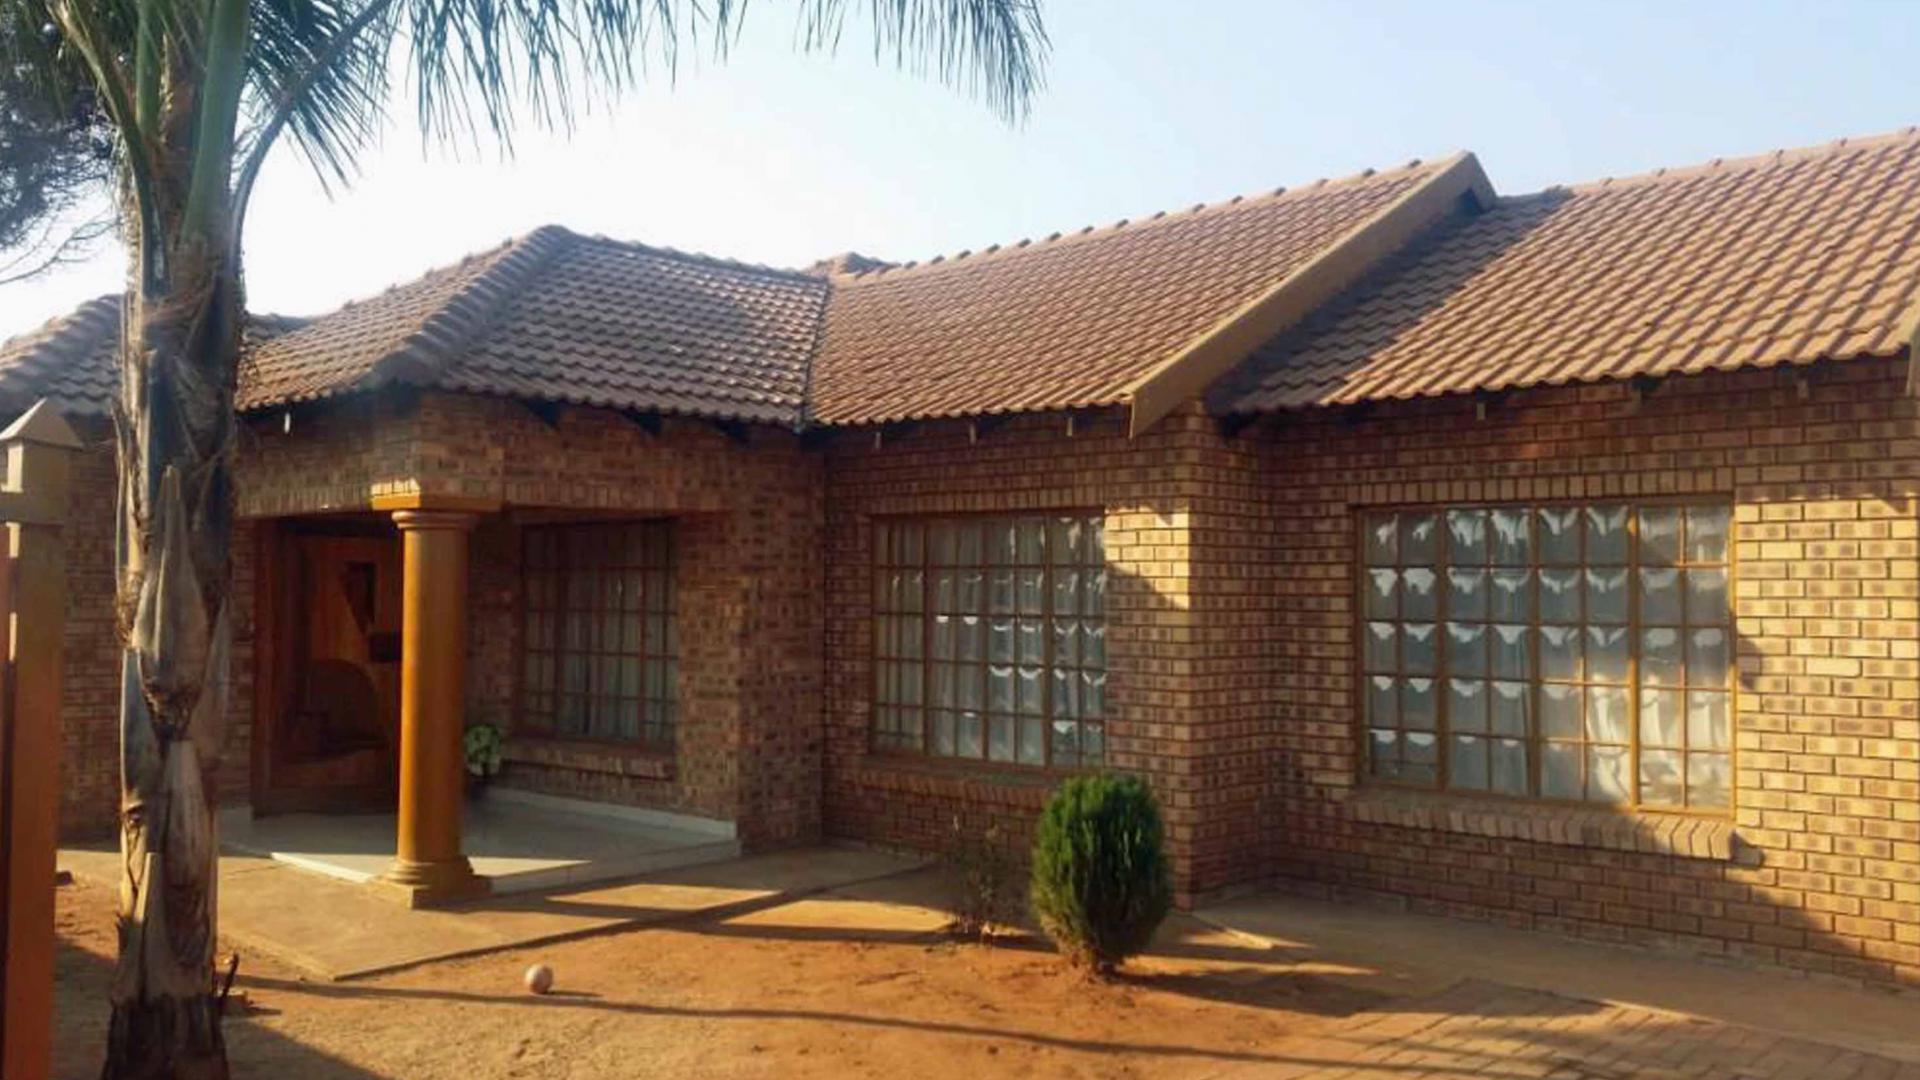 4 Bedroom House For Sale For Sale In Mokopane